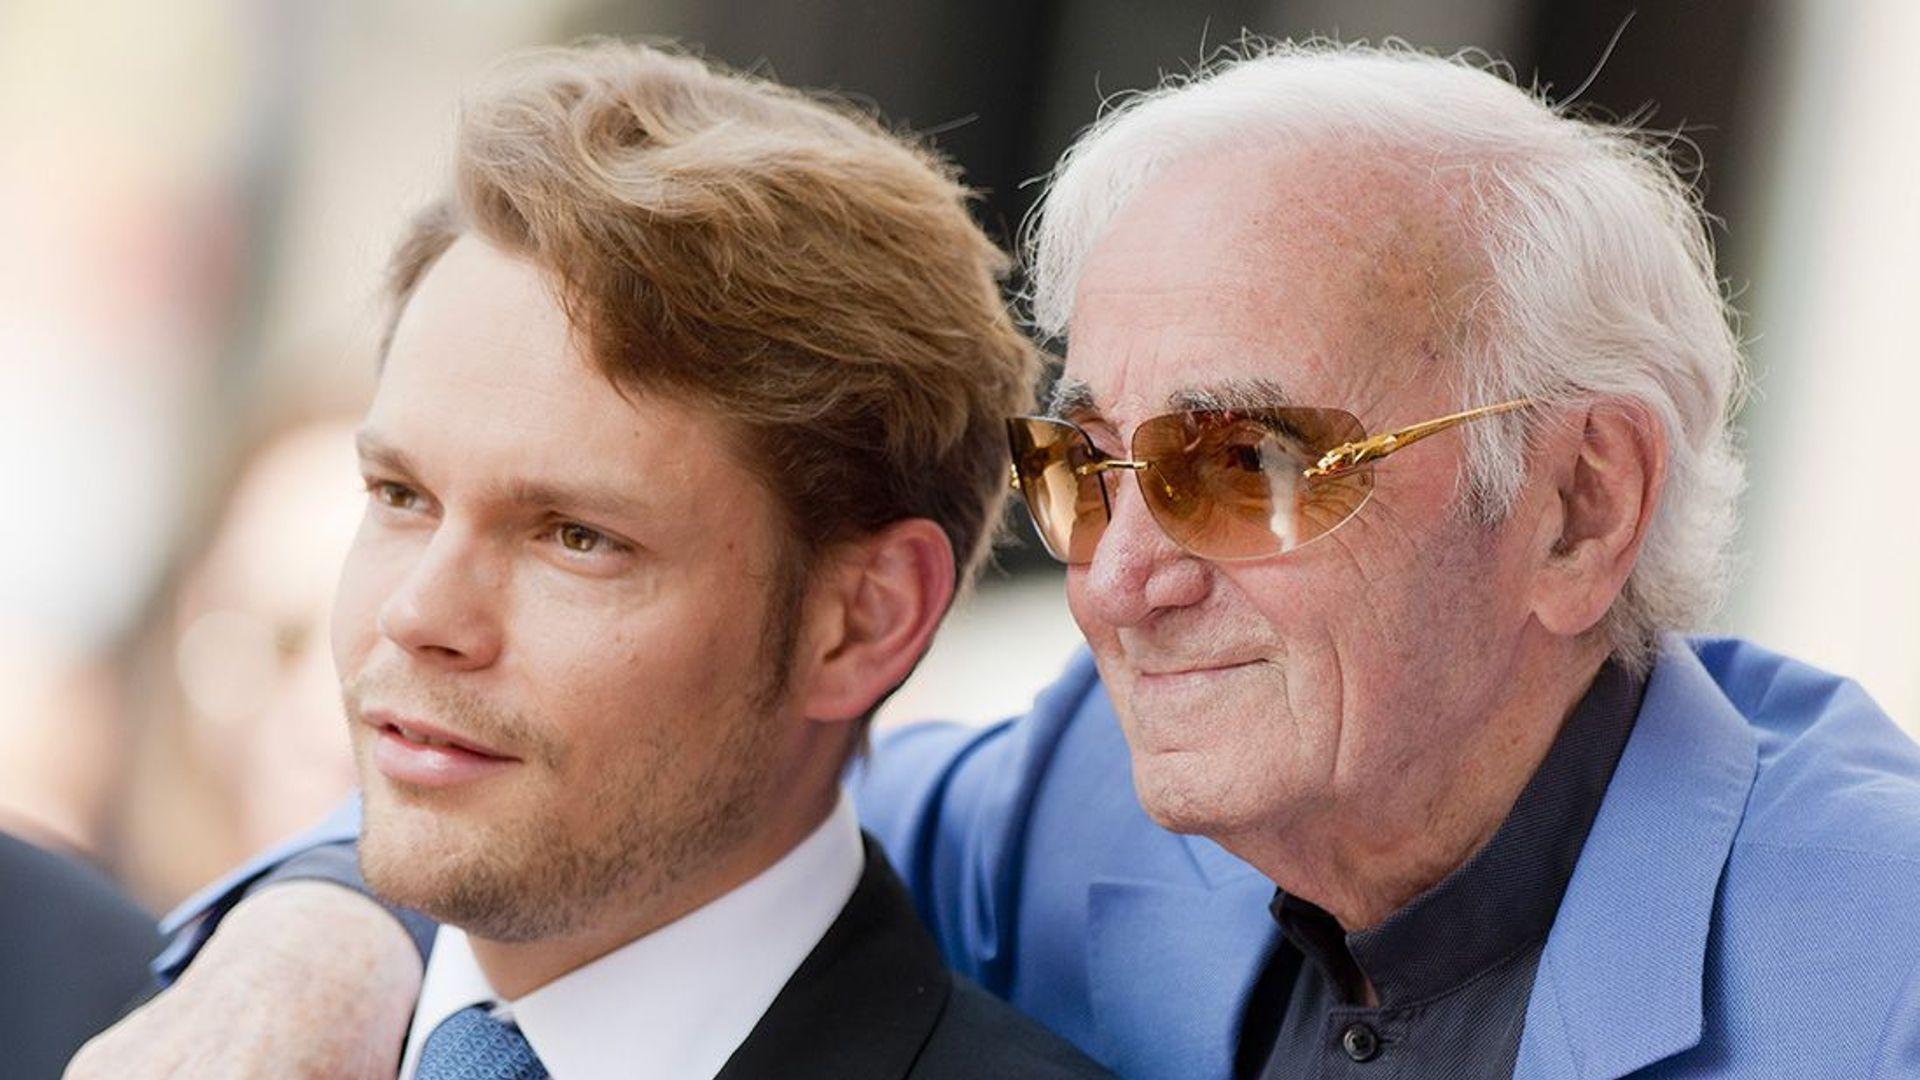 Charles-Aznavour-les-mots-de-son-fils-Nicolas-apres-la-disparition-de-son-pere